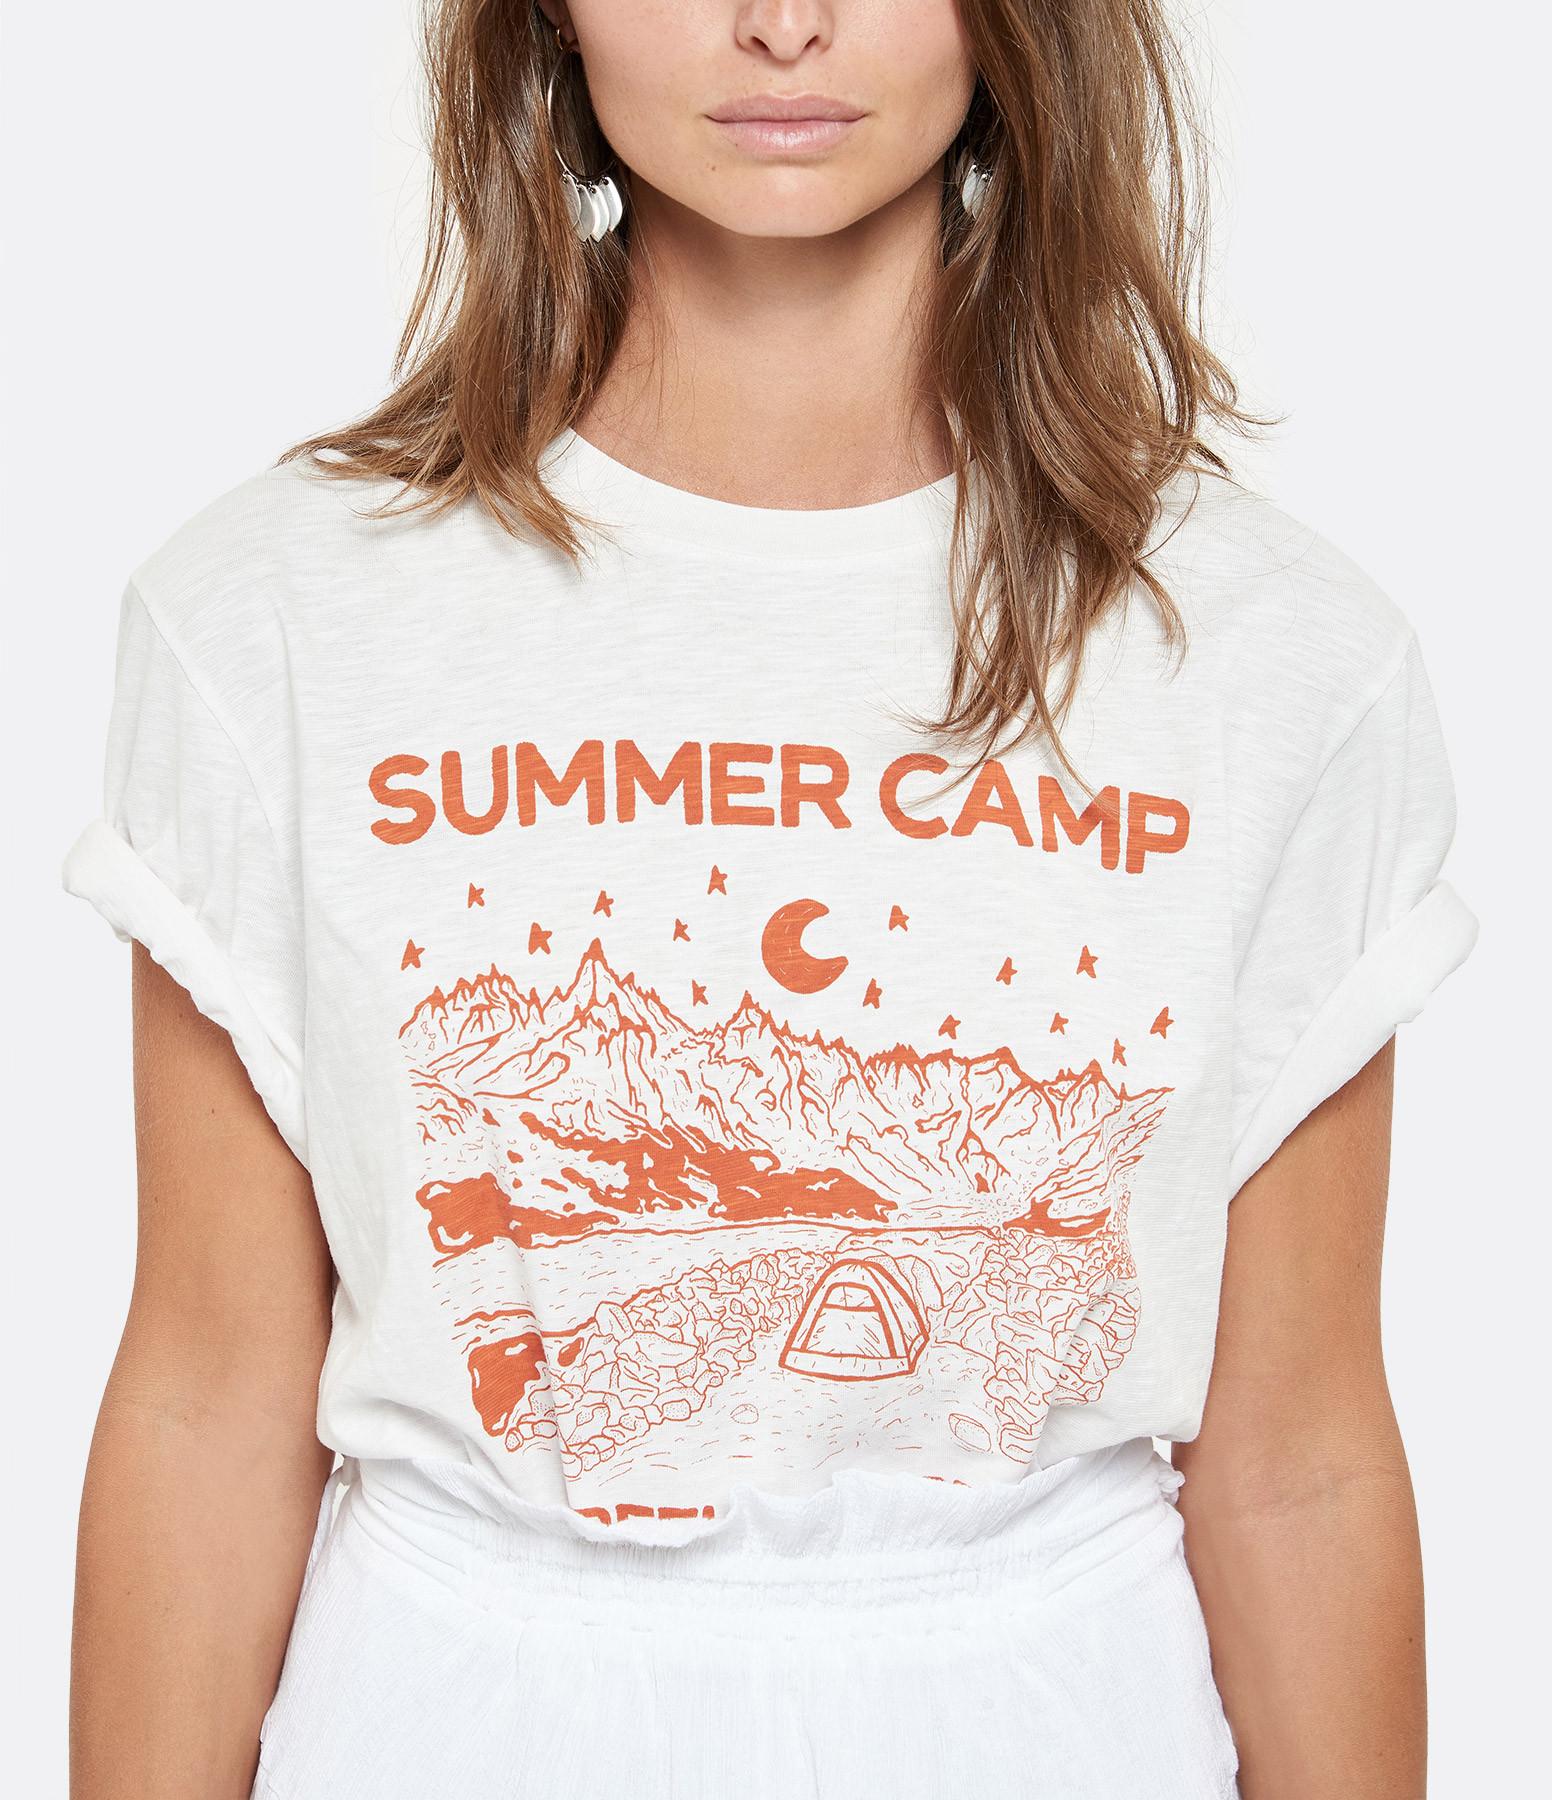 GOLDEN GOOSE - Tee-shirt Homme Adamo Camp Blanc Rouge